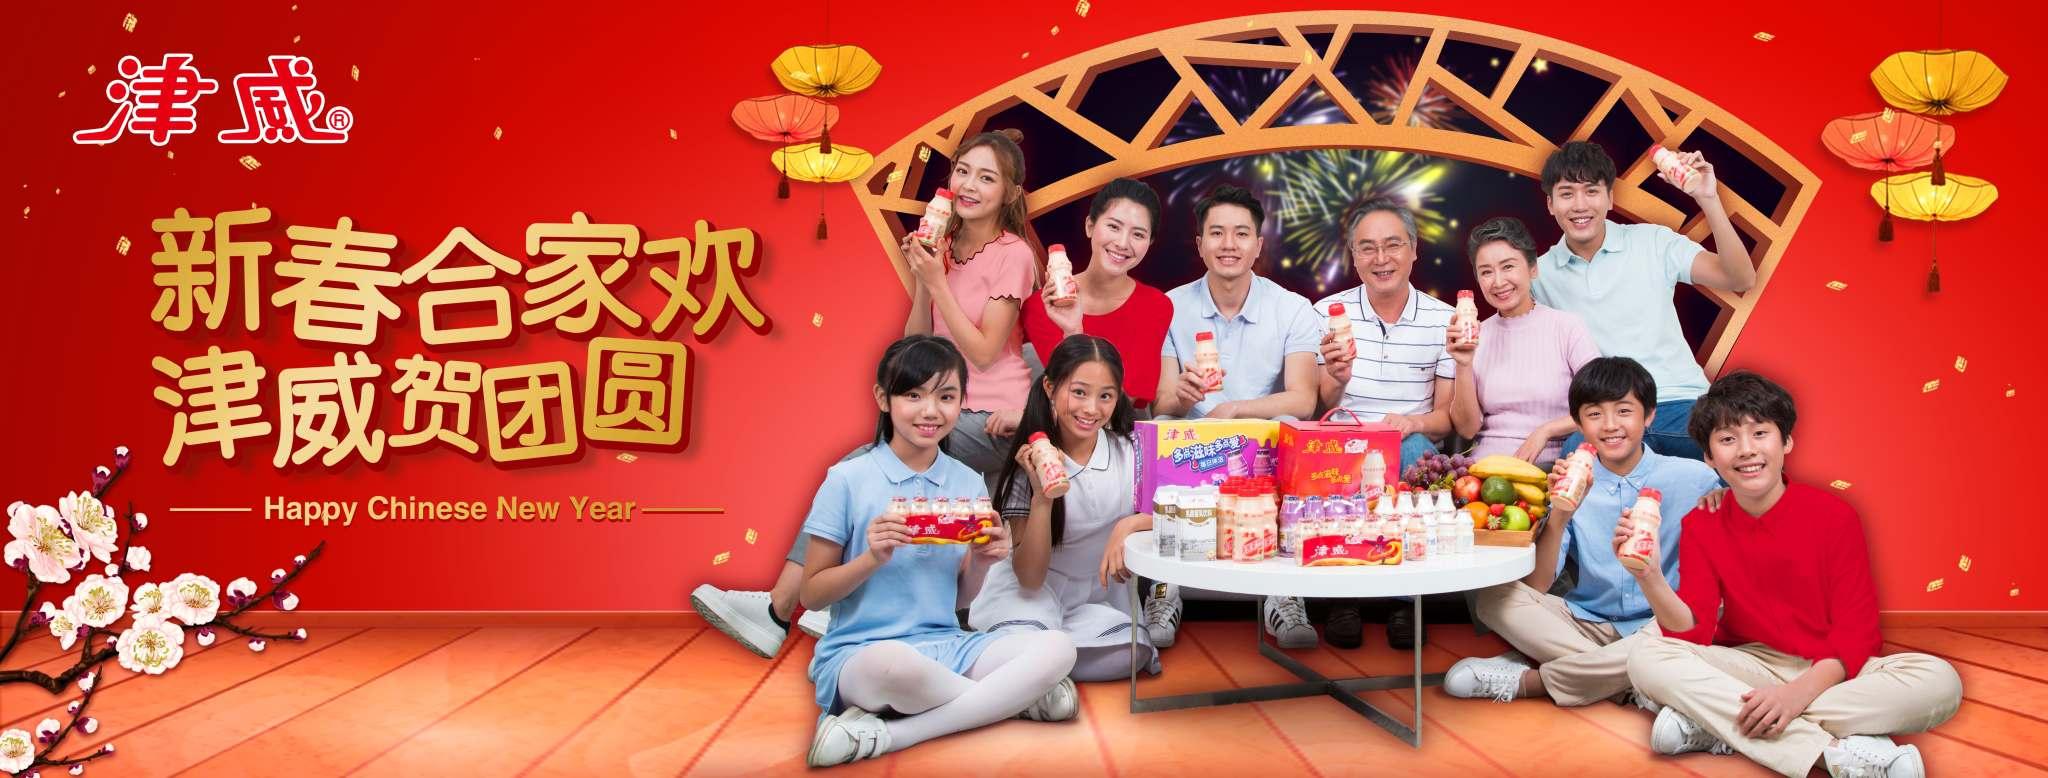 津威-桥头广告1-(20mX7.6m)-0202_看图王 (1).jpg